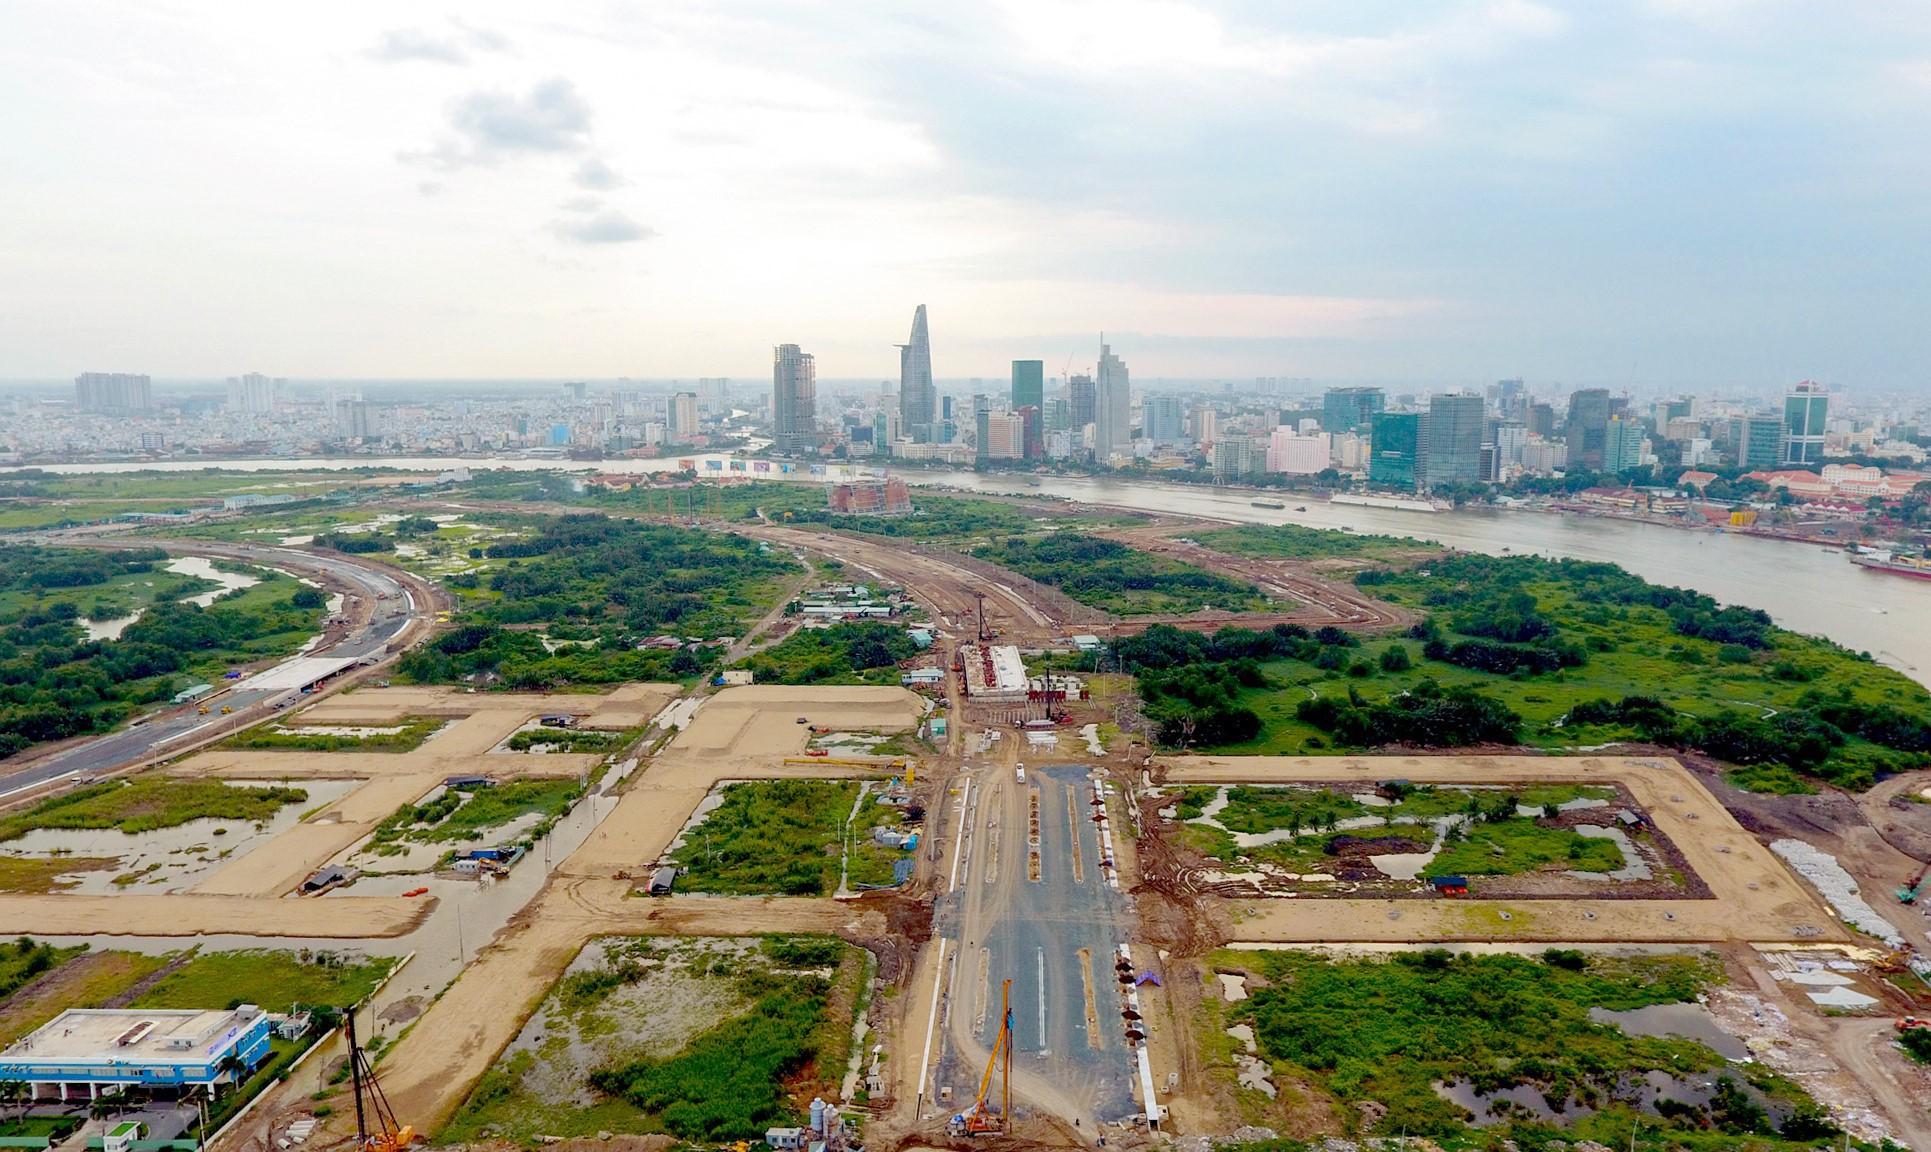 Tin tức Bất động sản ngày 15/5: Ông Tề Trí Dũng và phi vụ đốt tiền Công ty Tân Thuận, thị trường BĐS TP HCM vẫn trong trạng thái chờ... - Ảnh 2.